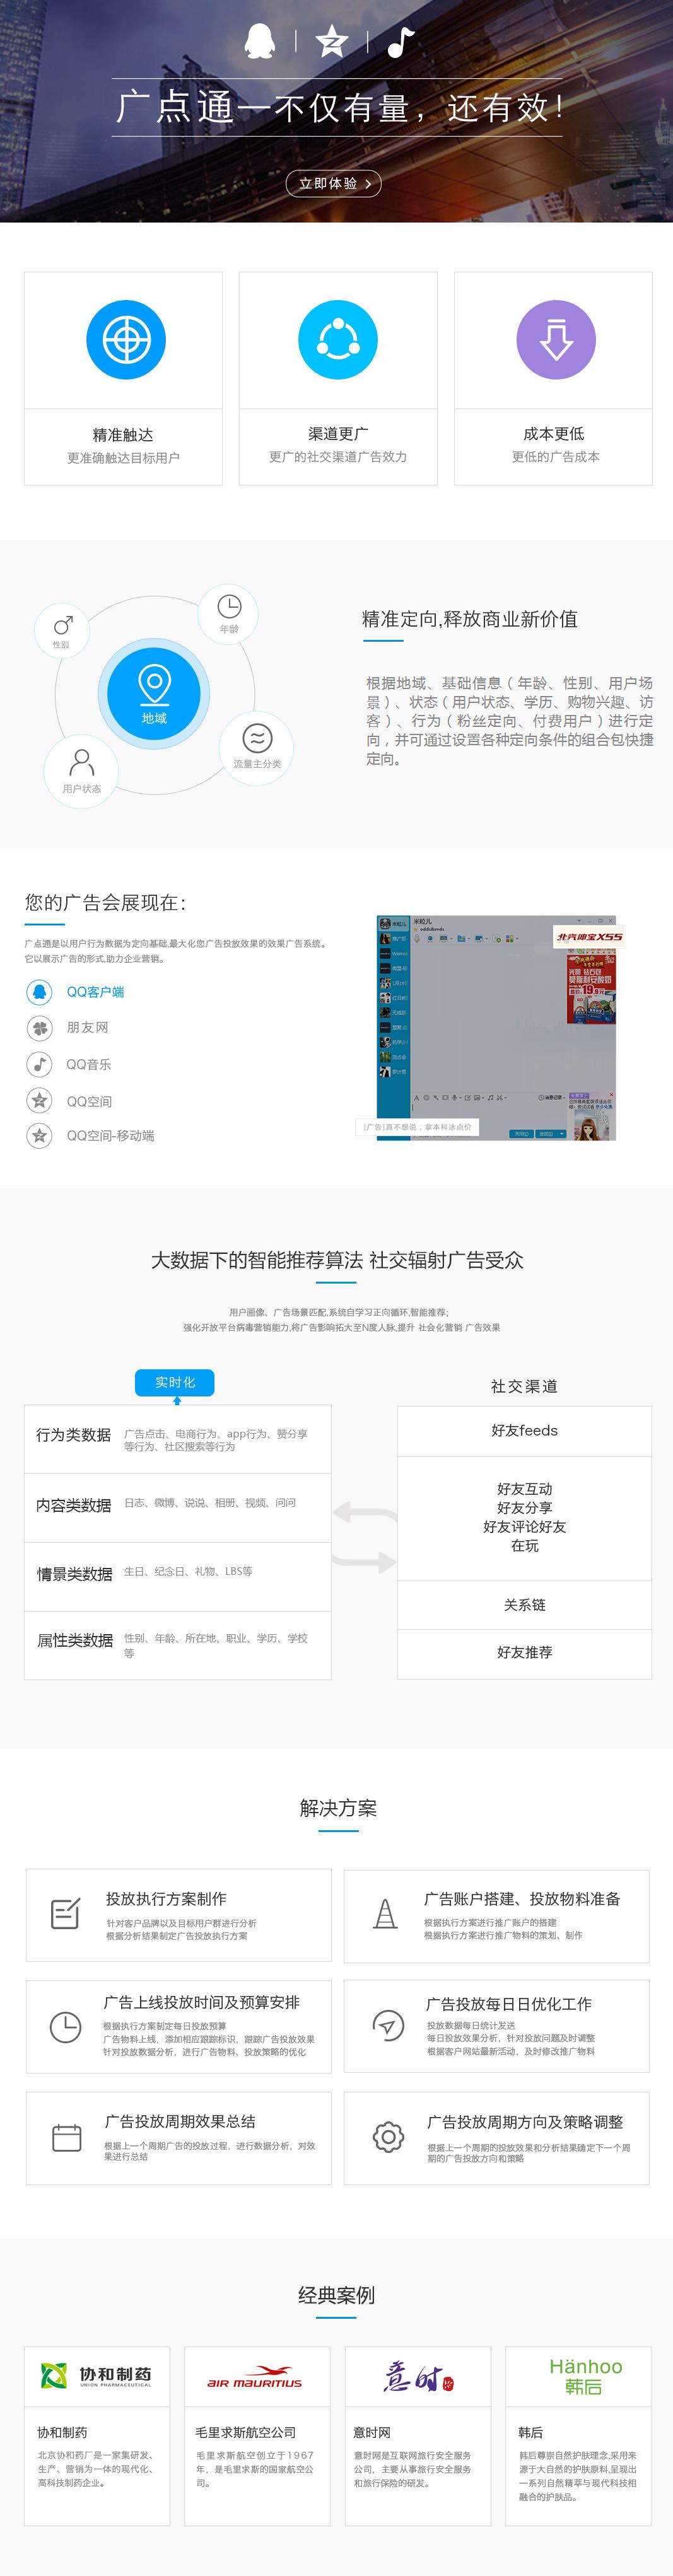 微盟盟聚—广点通广告一站式投放平台.png